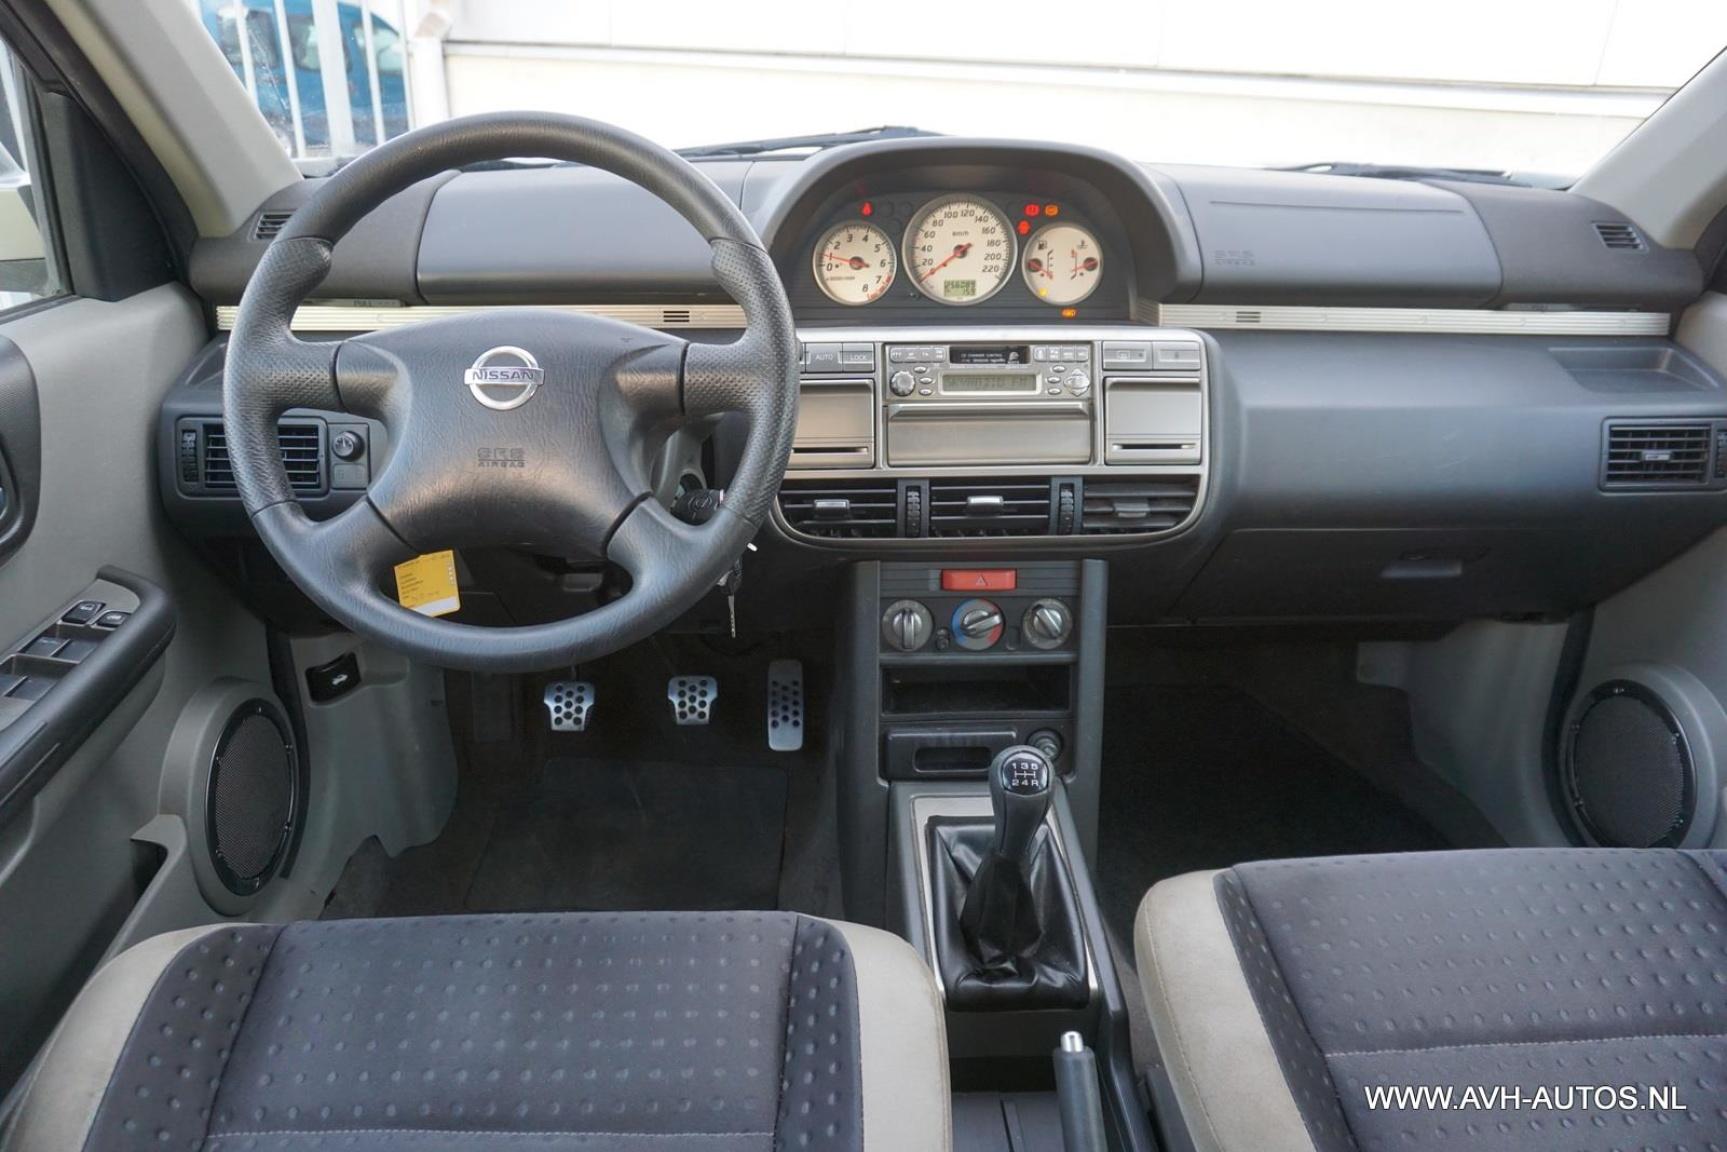 Nissan-X-Trail-4